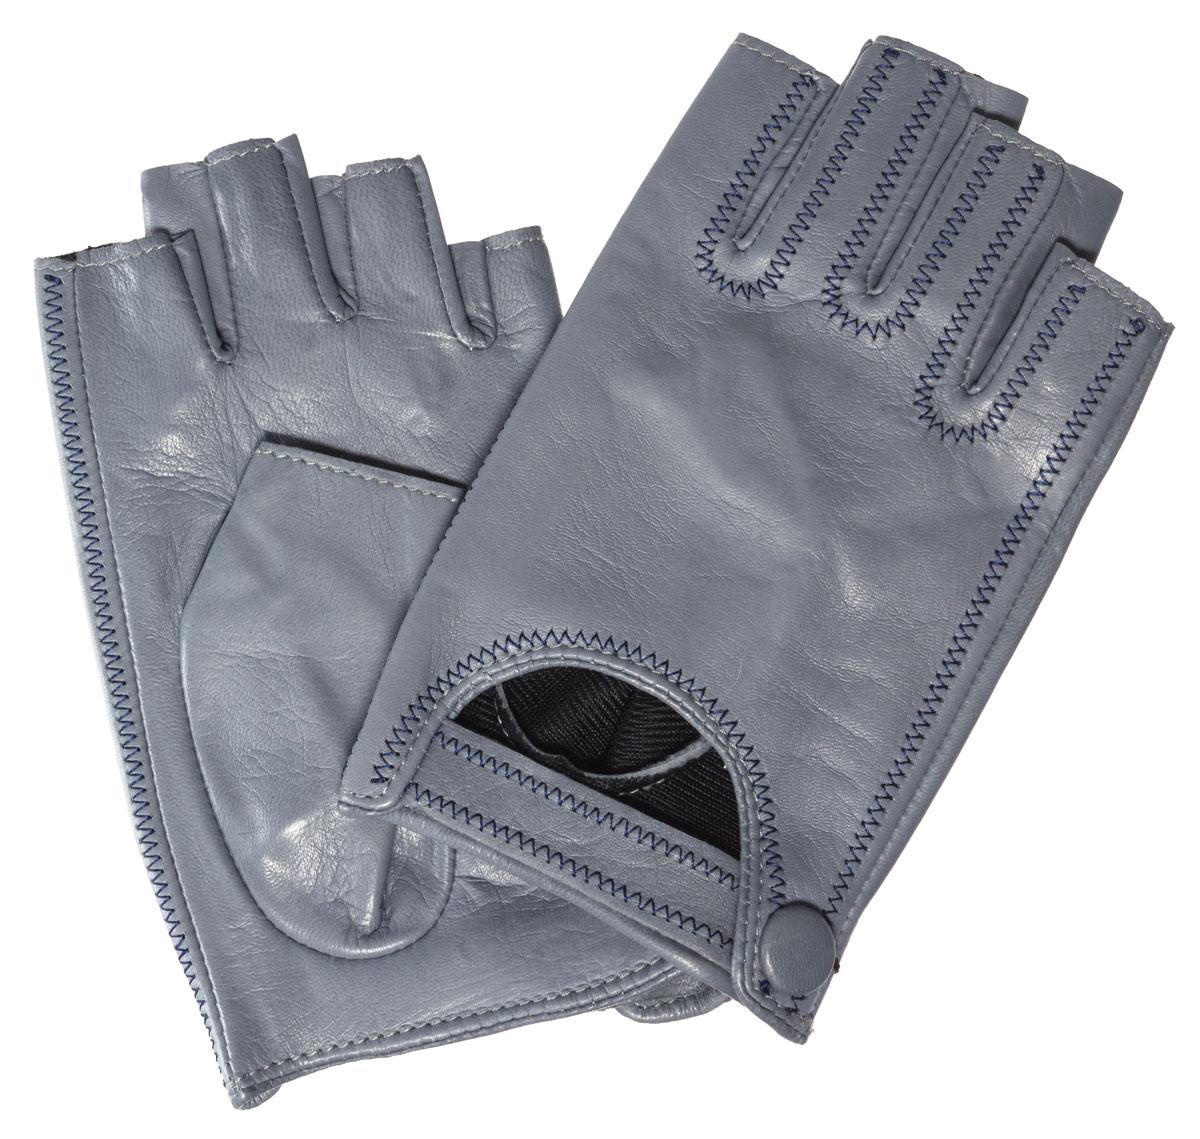 Митенки женские Eleganzza, цвет: серый. IS03015. Размер 6,5IS03015Лаконичные митенки Eleganzza изготовлены из гладкой, невероятно мягкой натуральной кожи ягненка. Внешняя часть декорирована вырезом с ремешком на кнопке. Оформлено изделие контрастной строчкой. Первоначально митенки использовались для защиты от холода при выполнении работ, требующих подвижности пальцев. Но начиная с XVIII века митенки стали использоваться как модный женский аксессуар, дамы носили митенки и в помещениях, соответственно митенки выполняли больше эстетическую, а не практическую функцию. Такая мода продержалась и в XIX веке. Использовались как простые вязаные митенки, так и кружевные, причем они могли по длине доходить как до середины руки, так и до локтя. В России митенки использовались еще в XIX веке и считались женскими перчатками. В настоящий момент митенки используются как женщинами, так и мужчинами, но все-таки в большей степени считаются женским аксессуаром одежды!